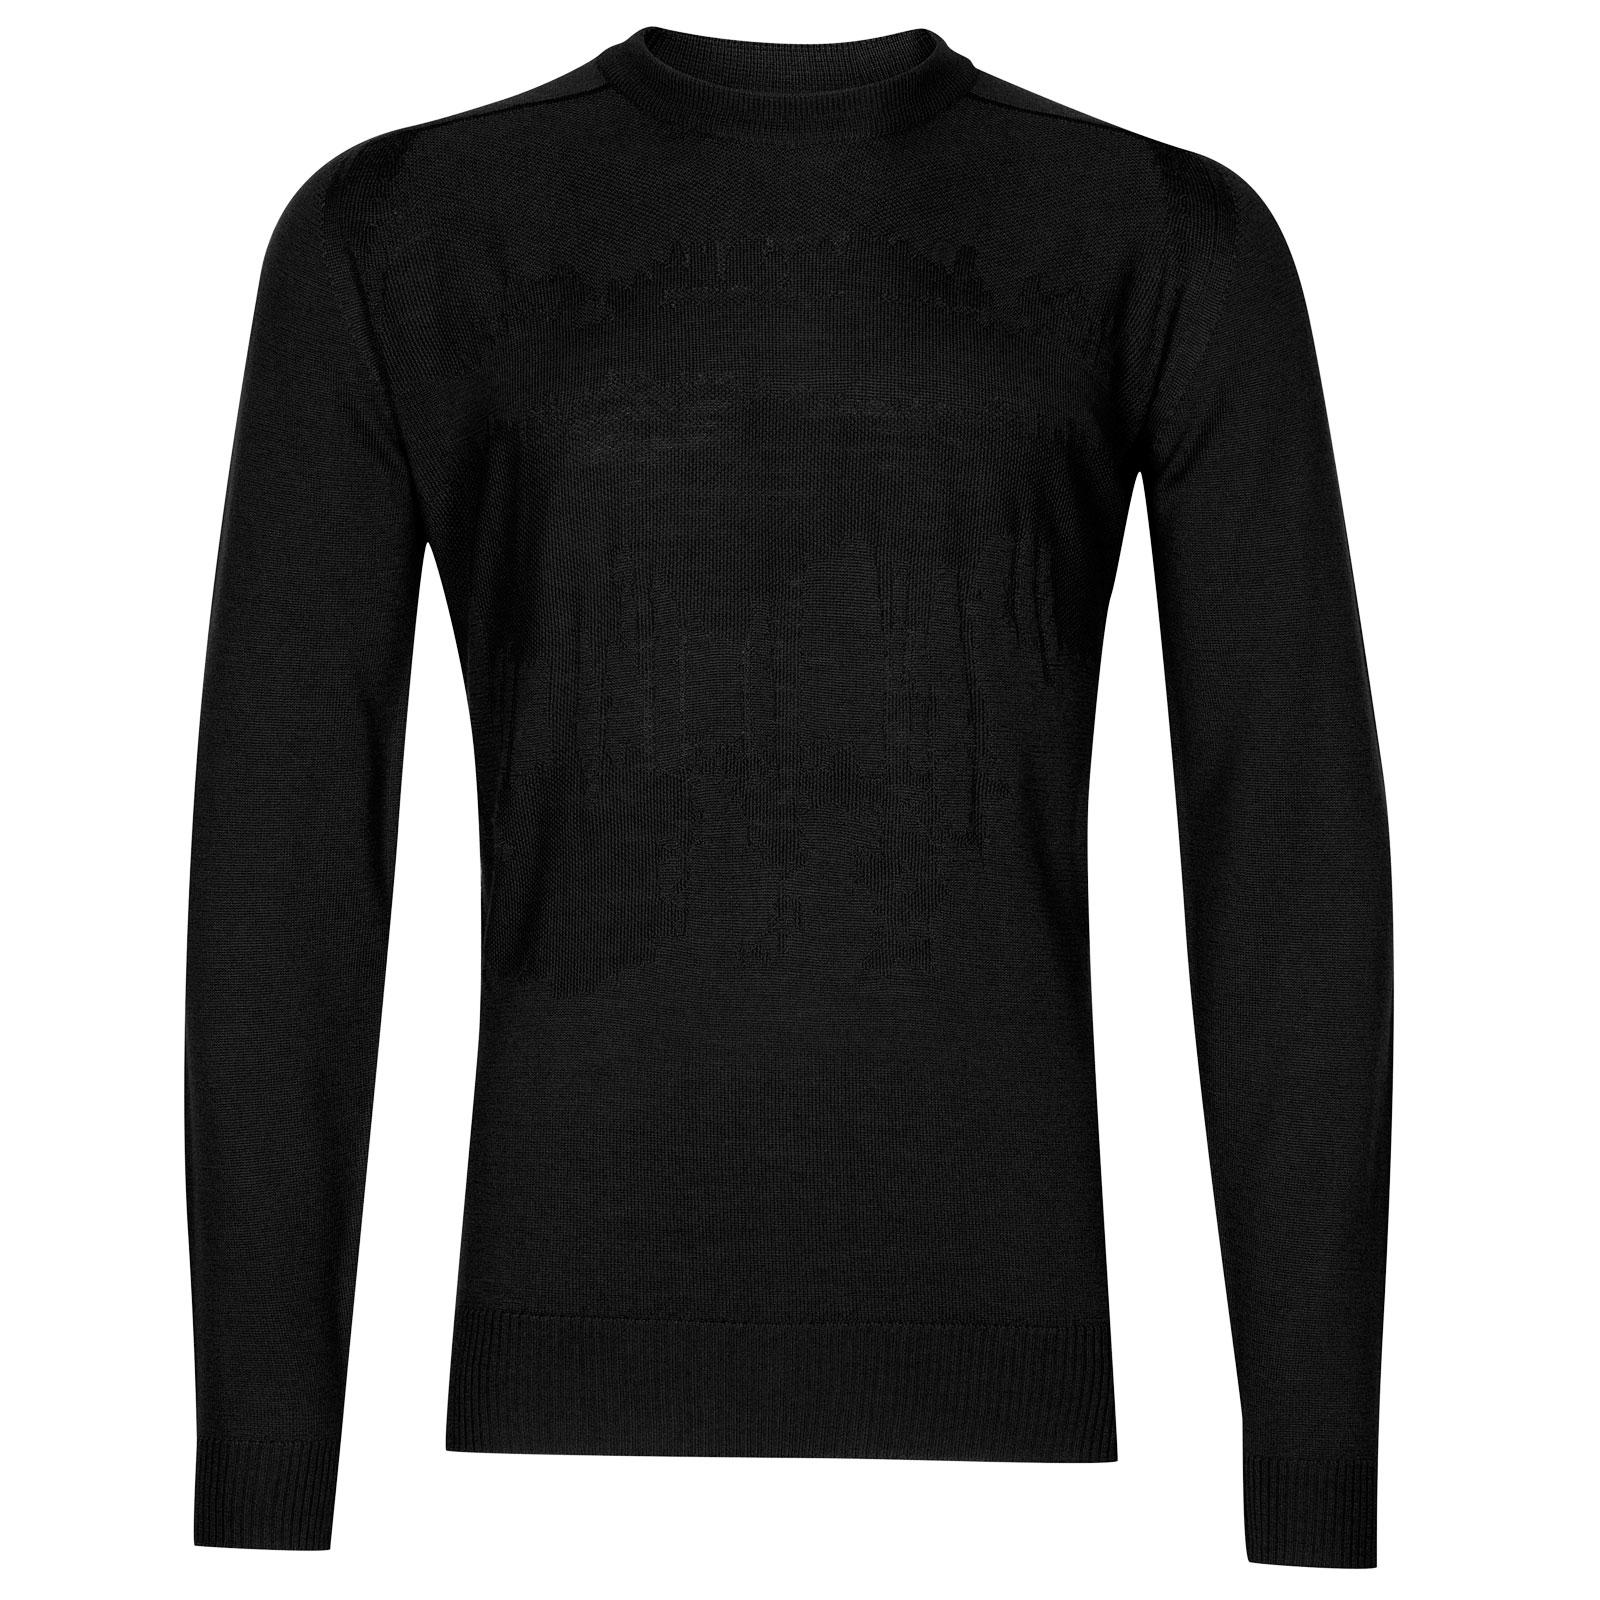 John Smedley sorbus Merino Wool Pullover in Black-S